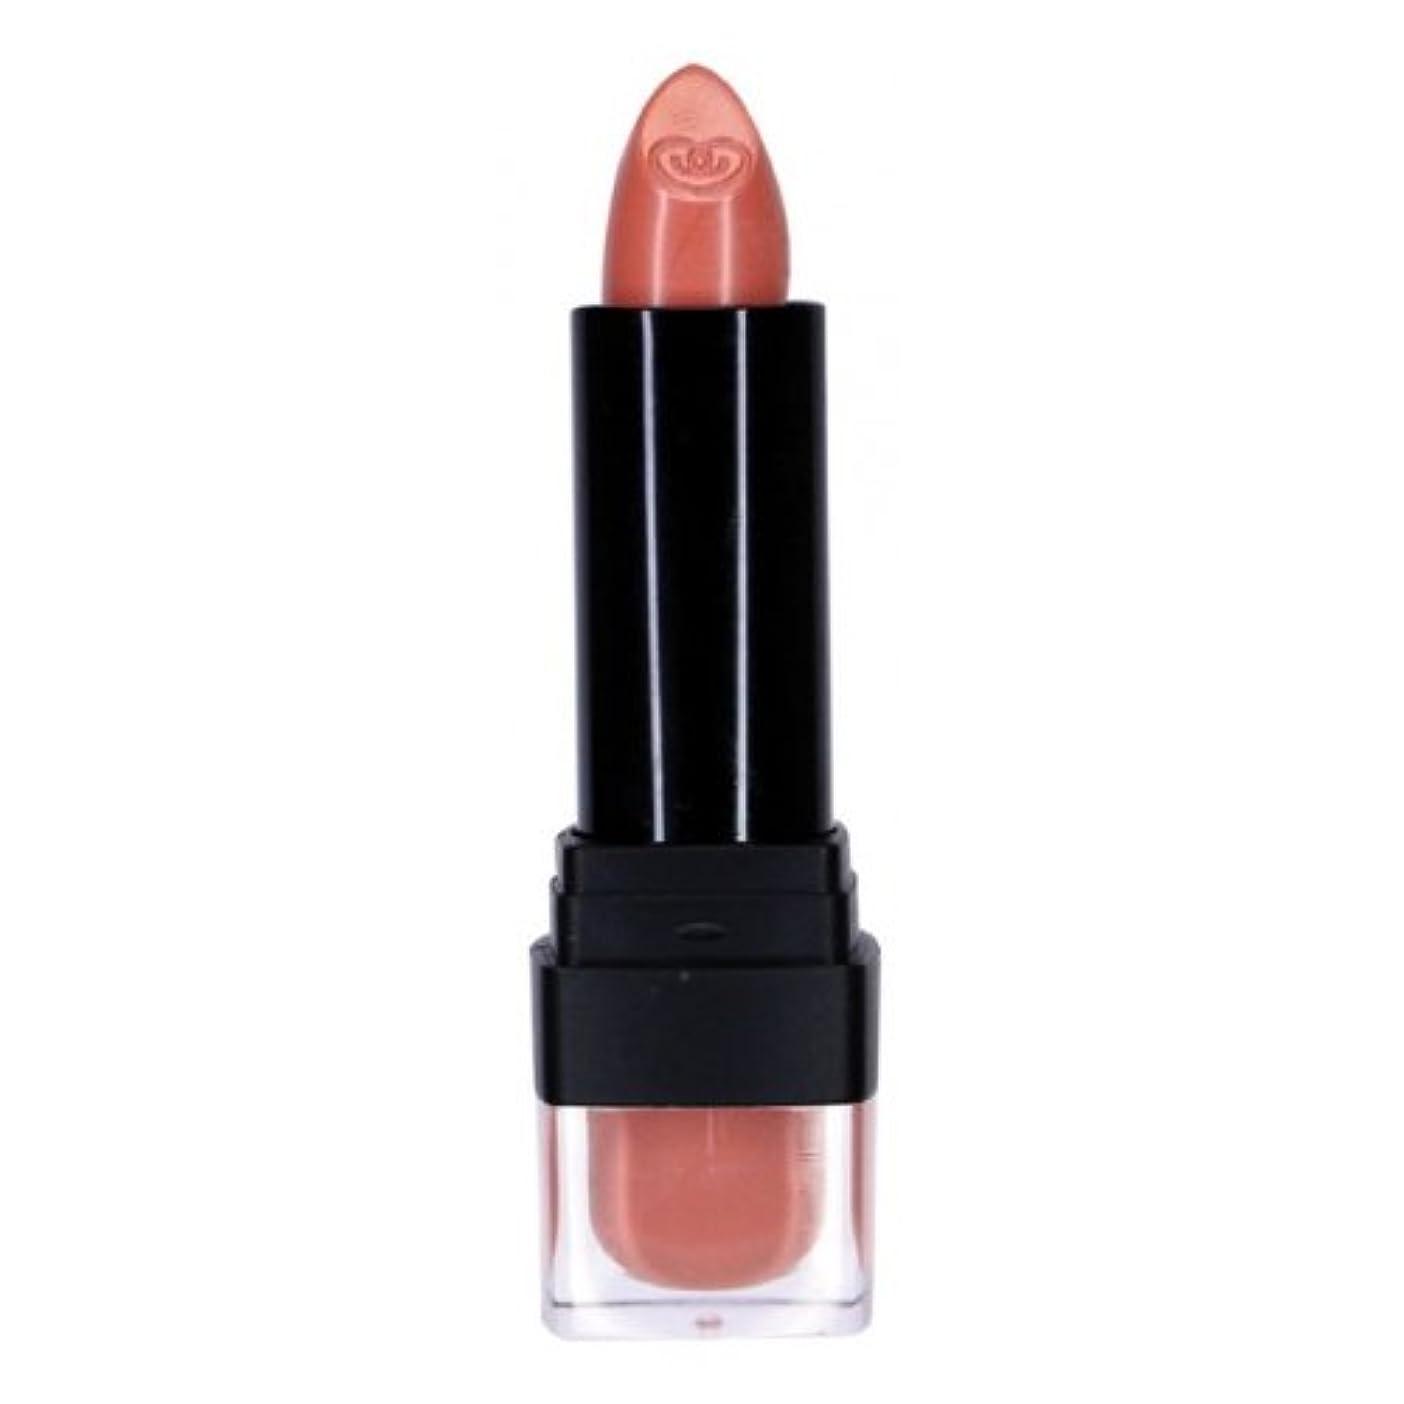 傷跡思い出させる早熟(6 Pack) CITY COLOR City Chick Lipstick - Love At First Sight (並行輸入品)